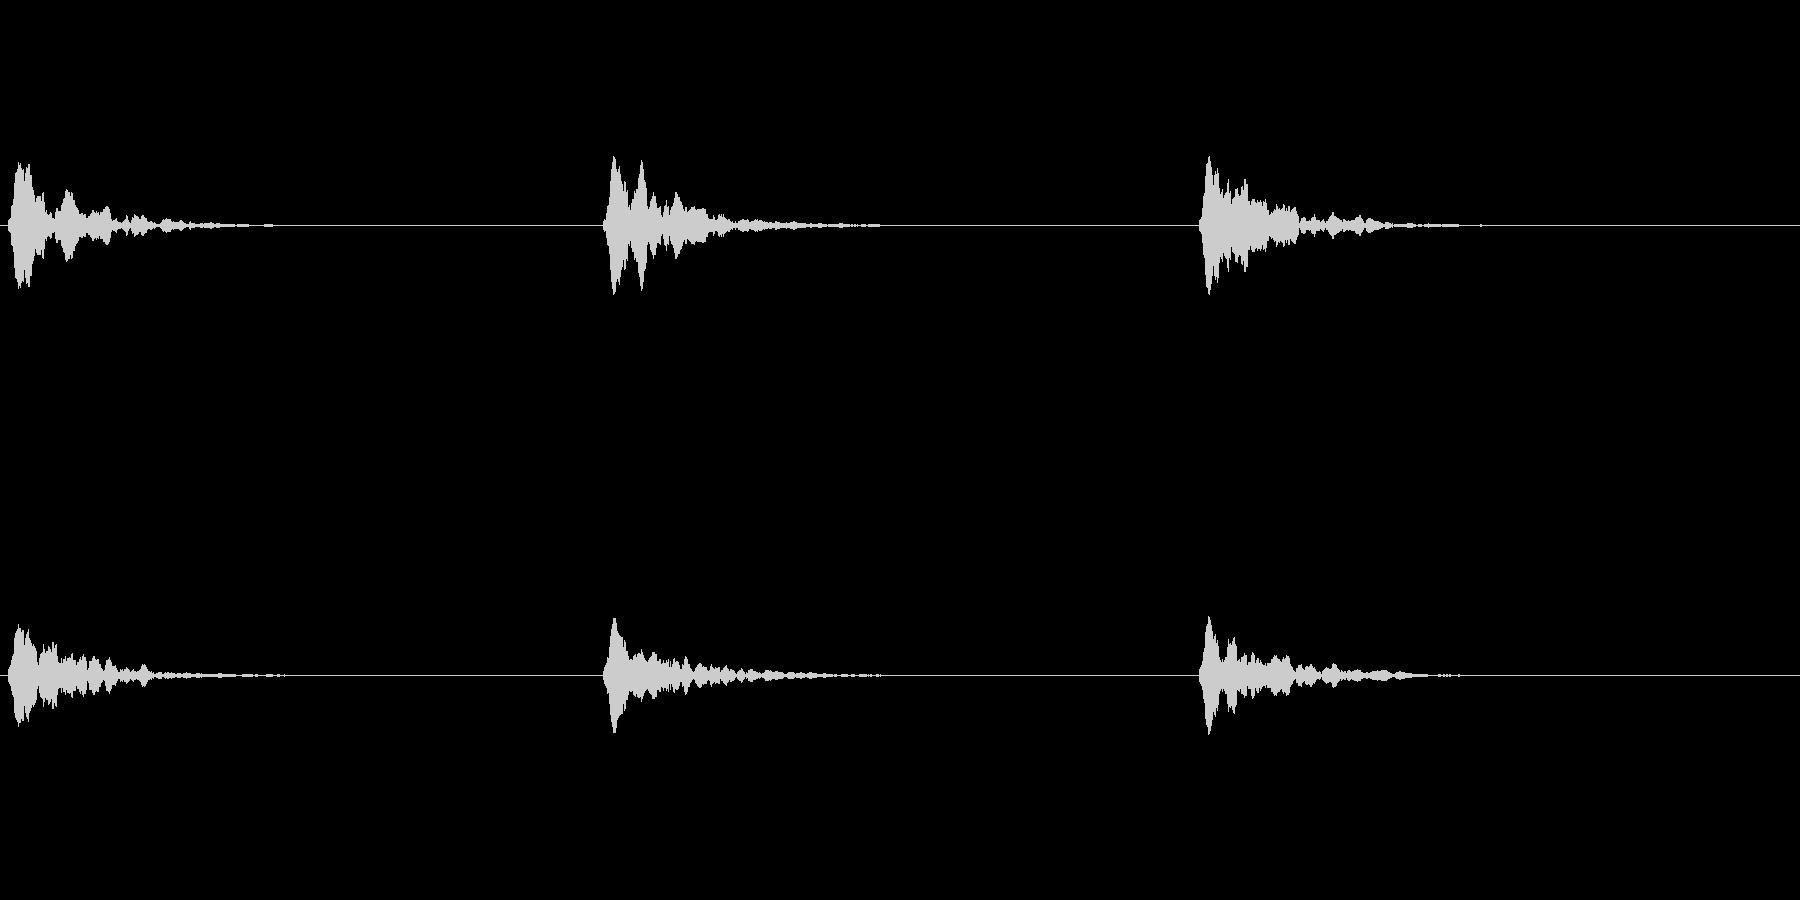 グロッケン(鉄琴)の音を少し加工しましたの未再生の波形